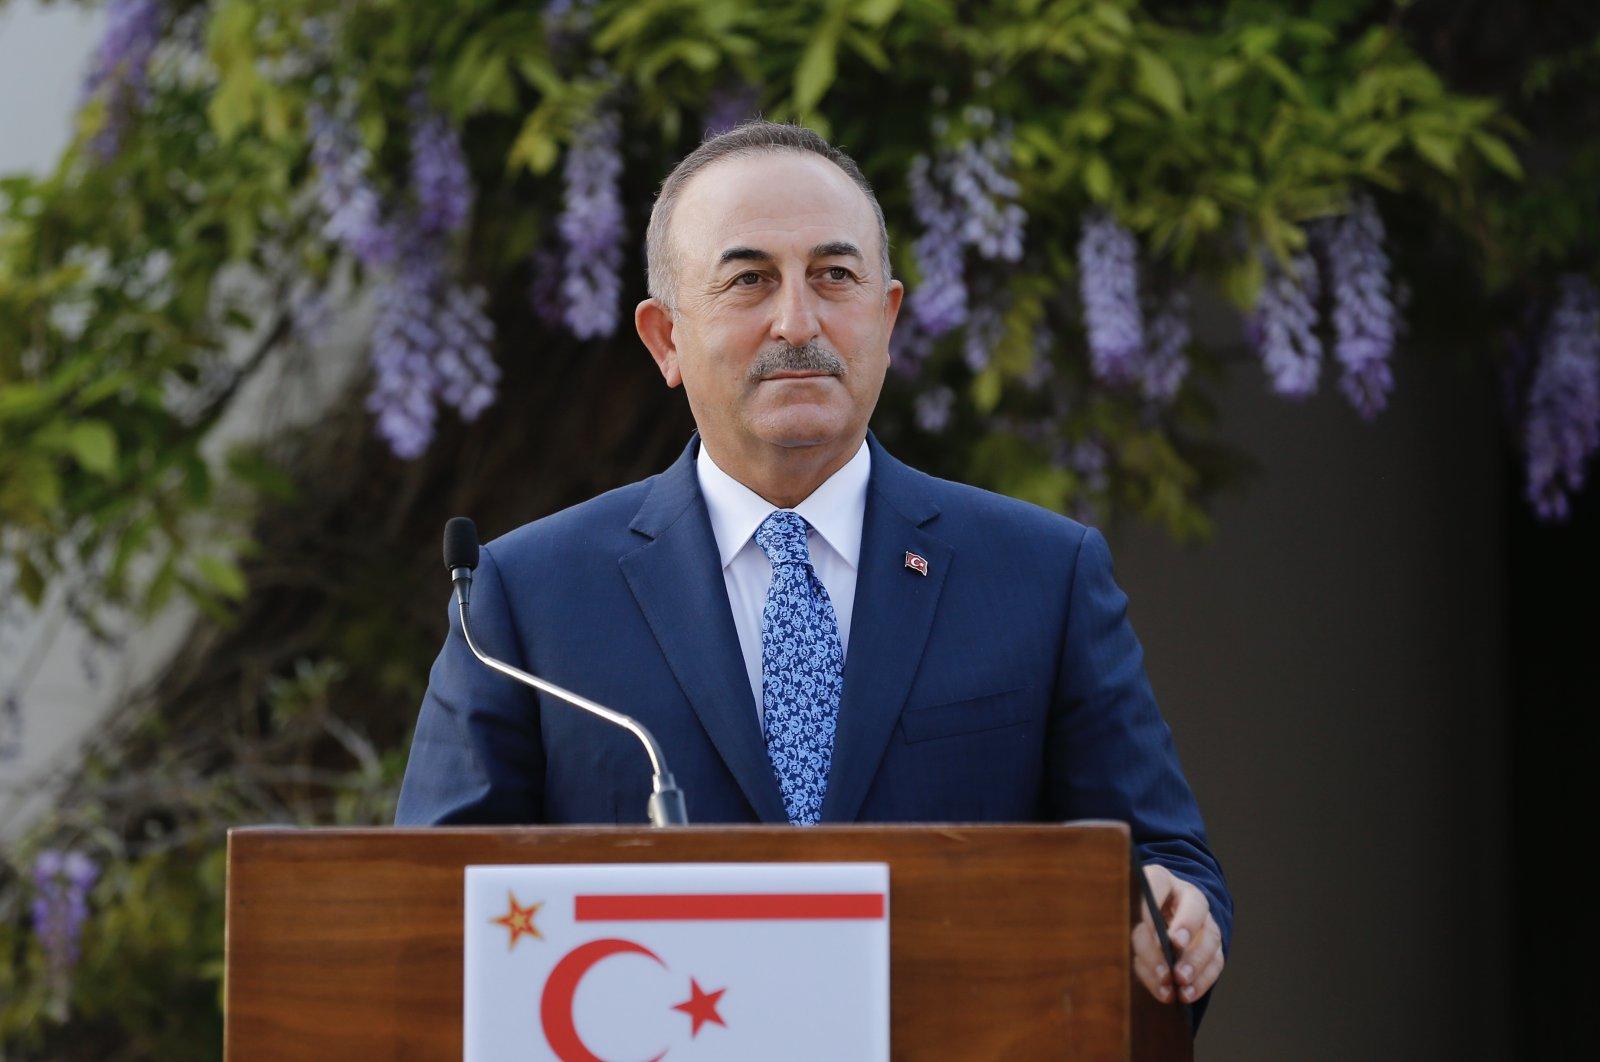 Foreign Minister Mevlüt Çavuşoğlu speaks in Lefkoşa (Nicosia), Turkish Cyprus, April 16, 2021. (AA Photo)